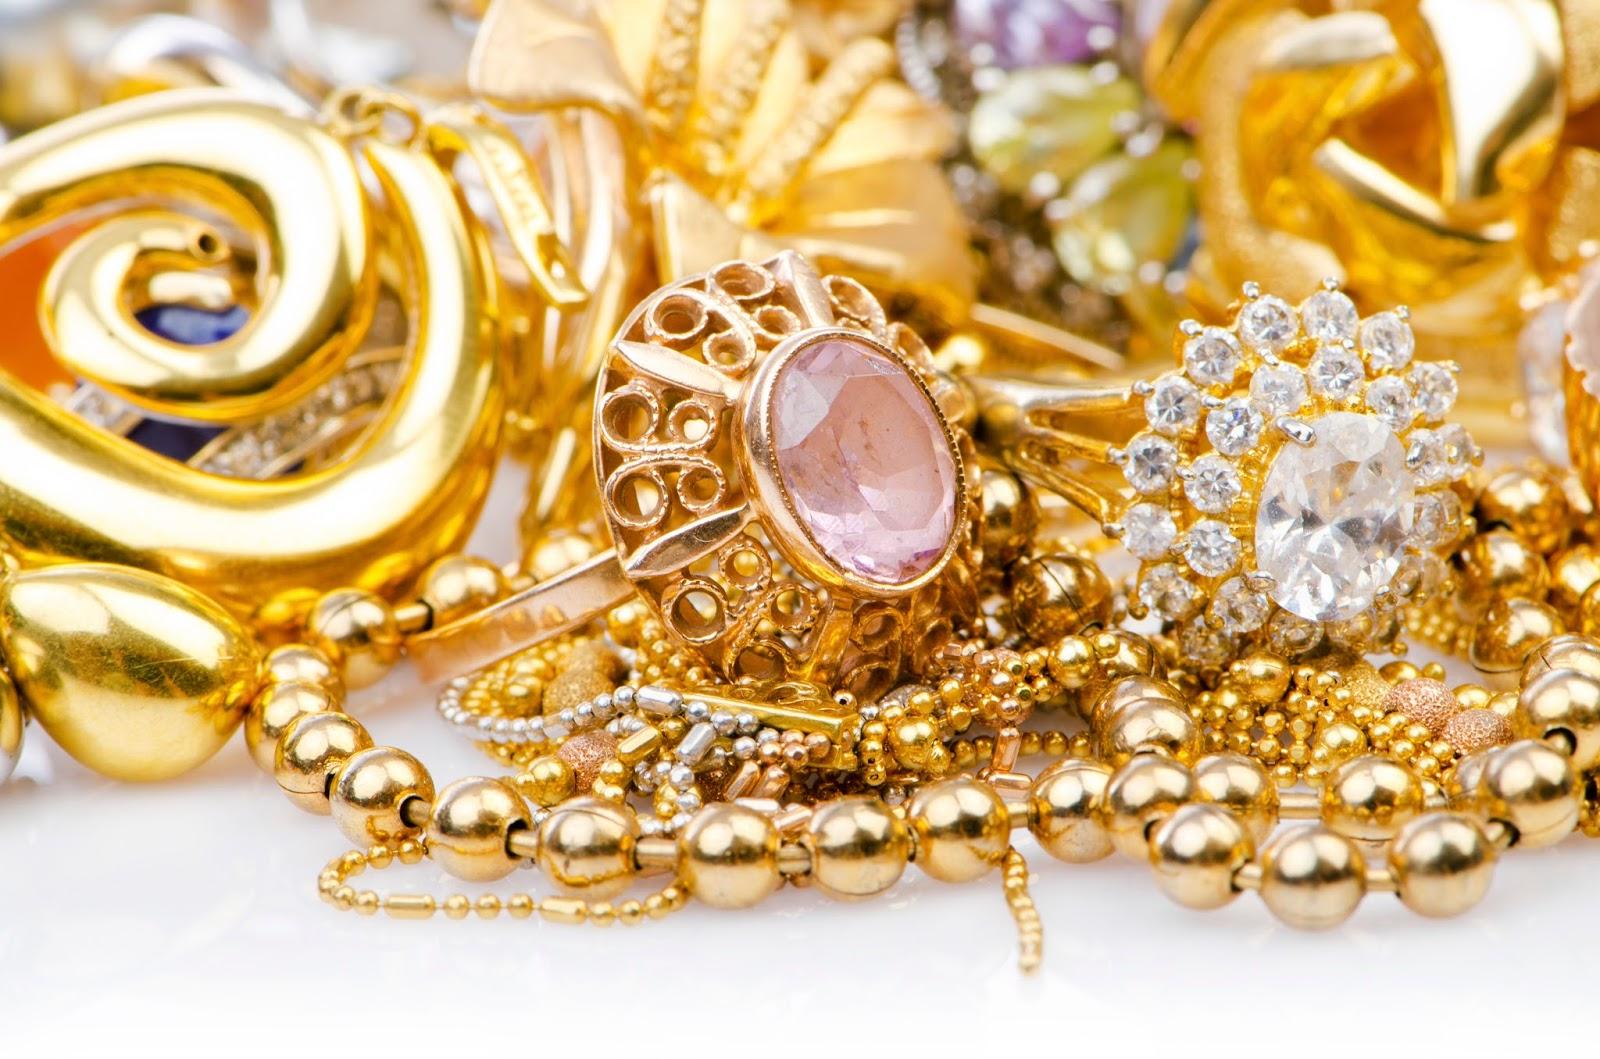 93a3a232bd72 Compra venta de joyas y oro en Barcelona